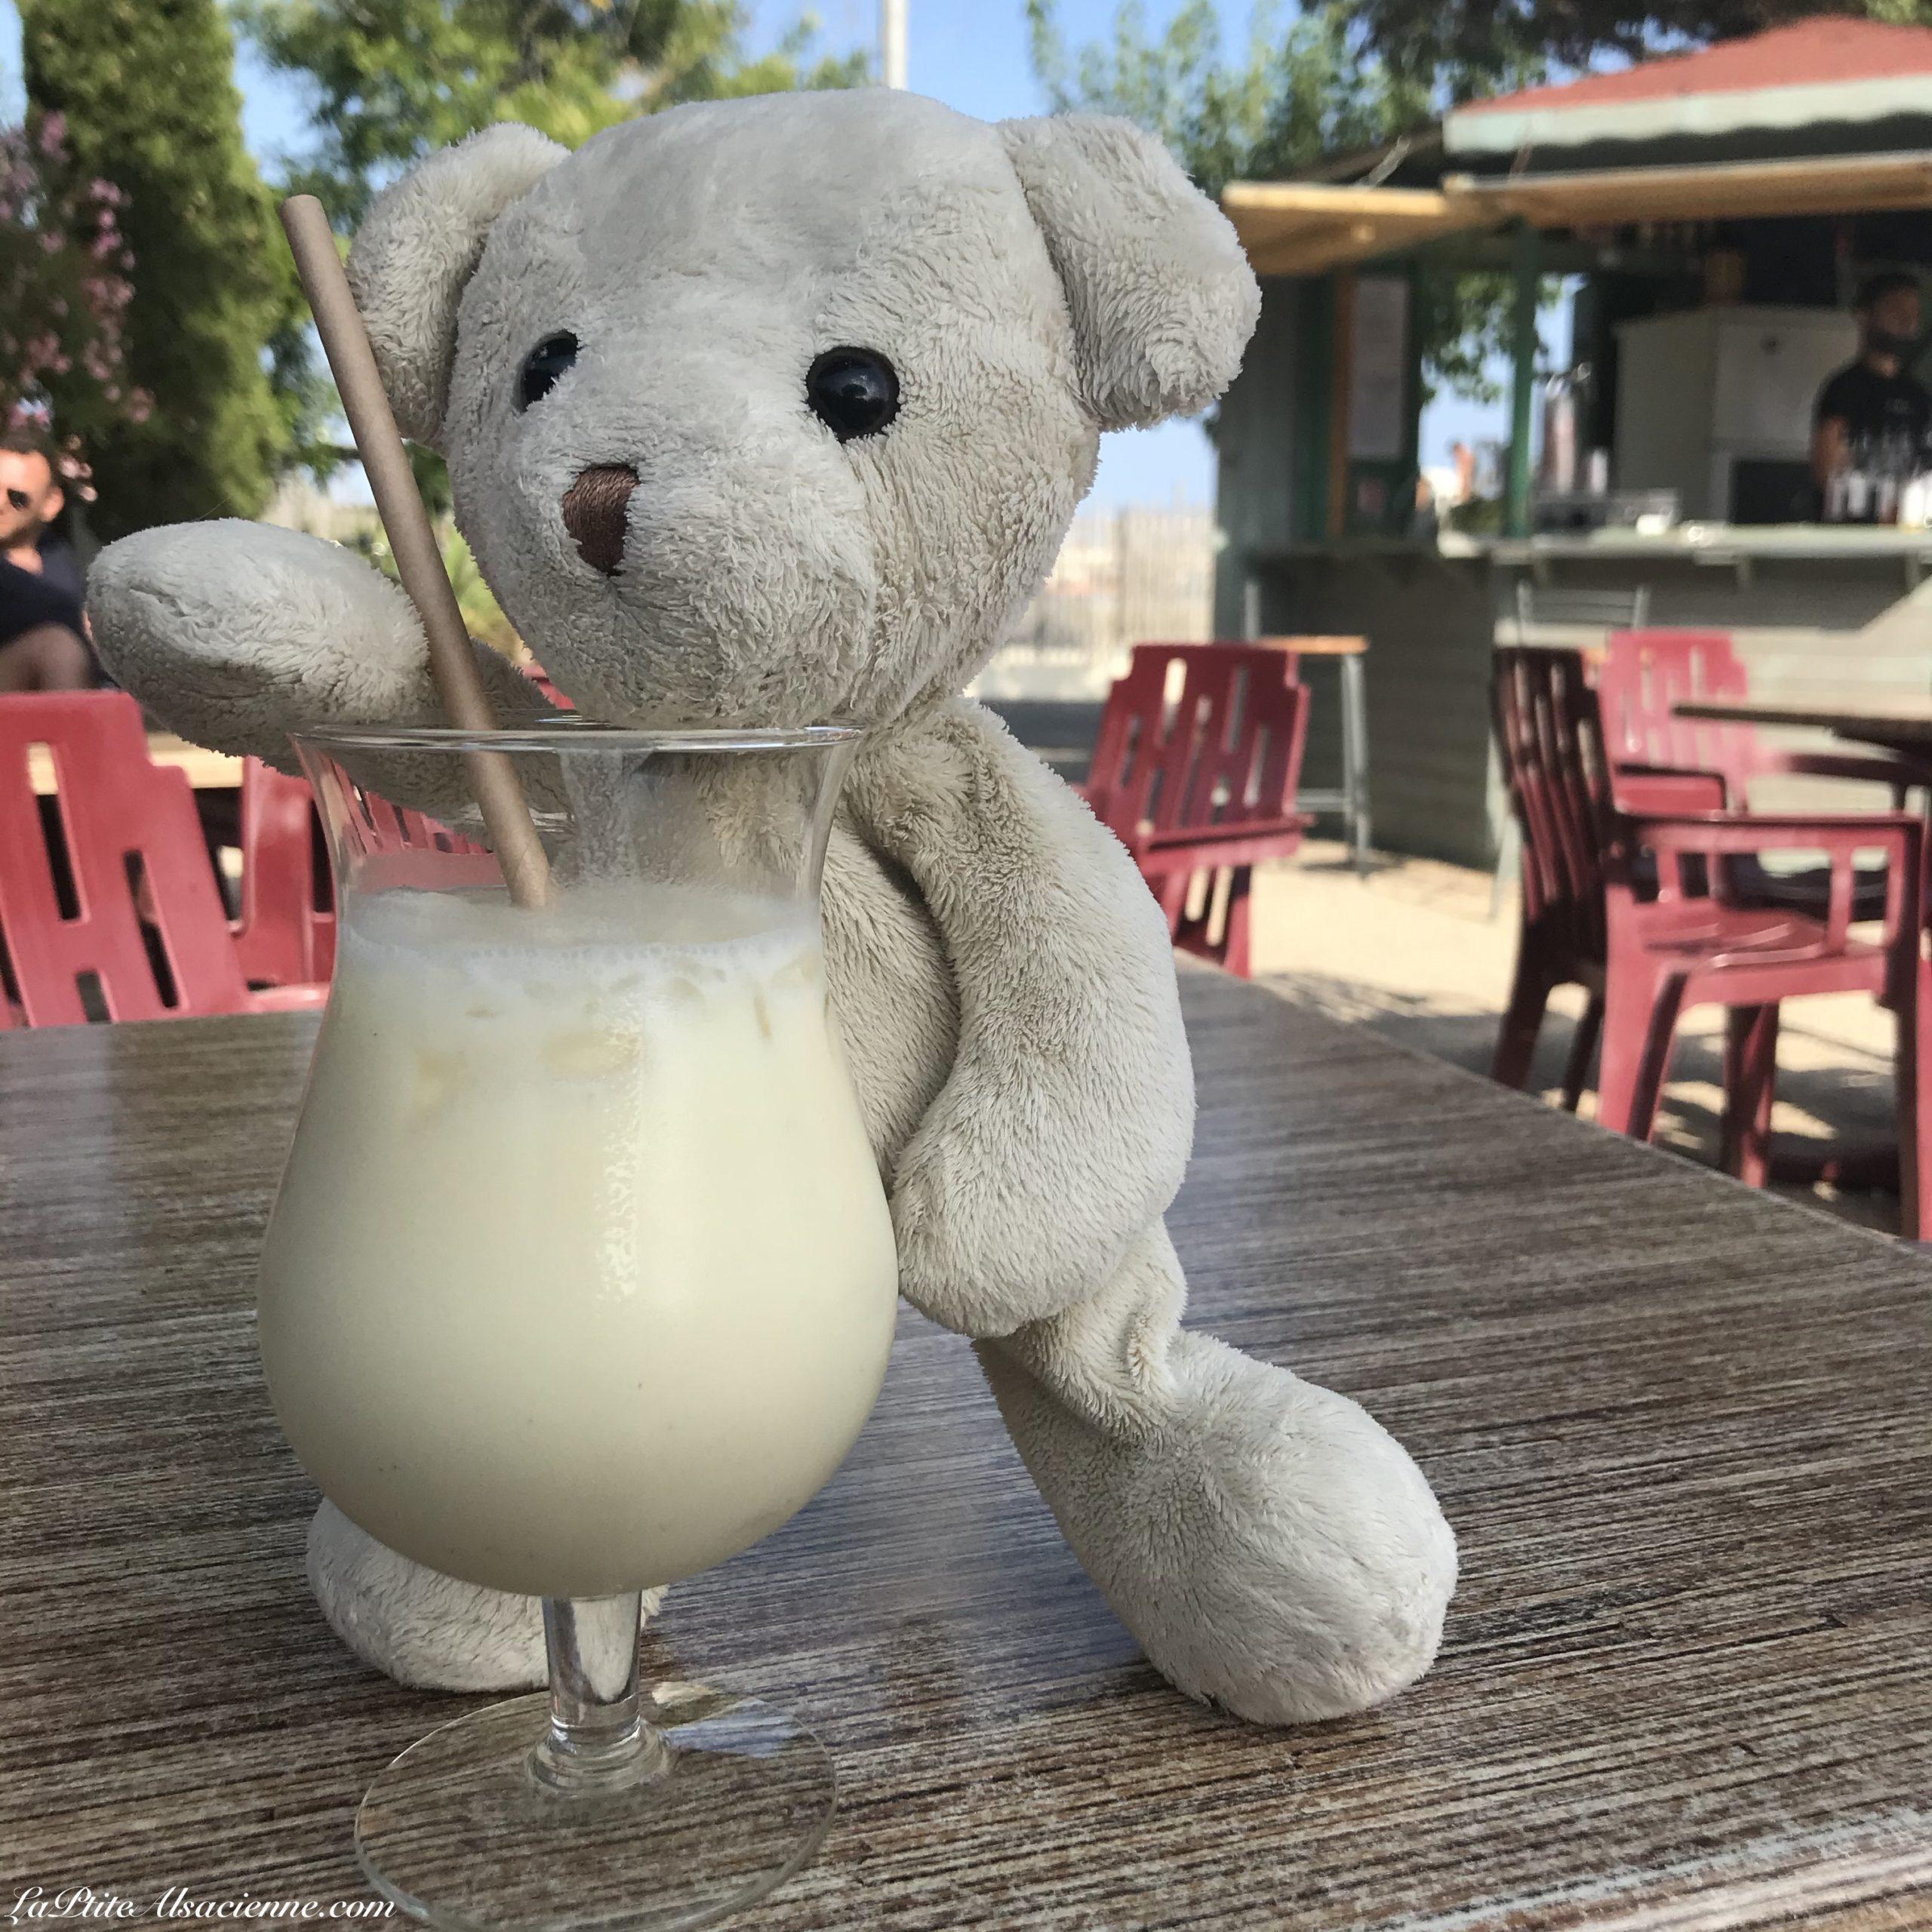 Doudou Sans Nom aime la Pina Colada lorsqu'il est en vacances du côté de Valras Plage